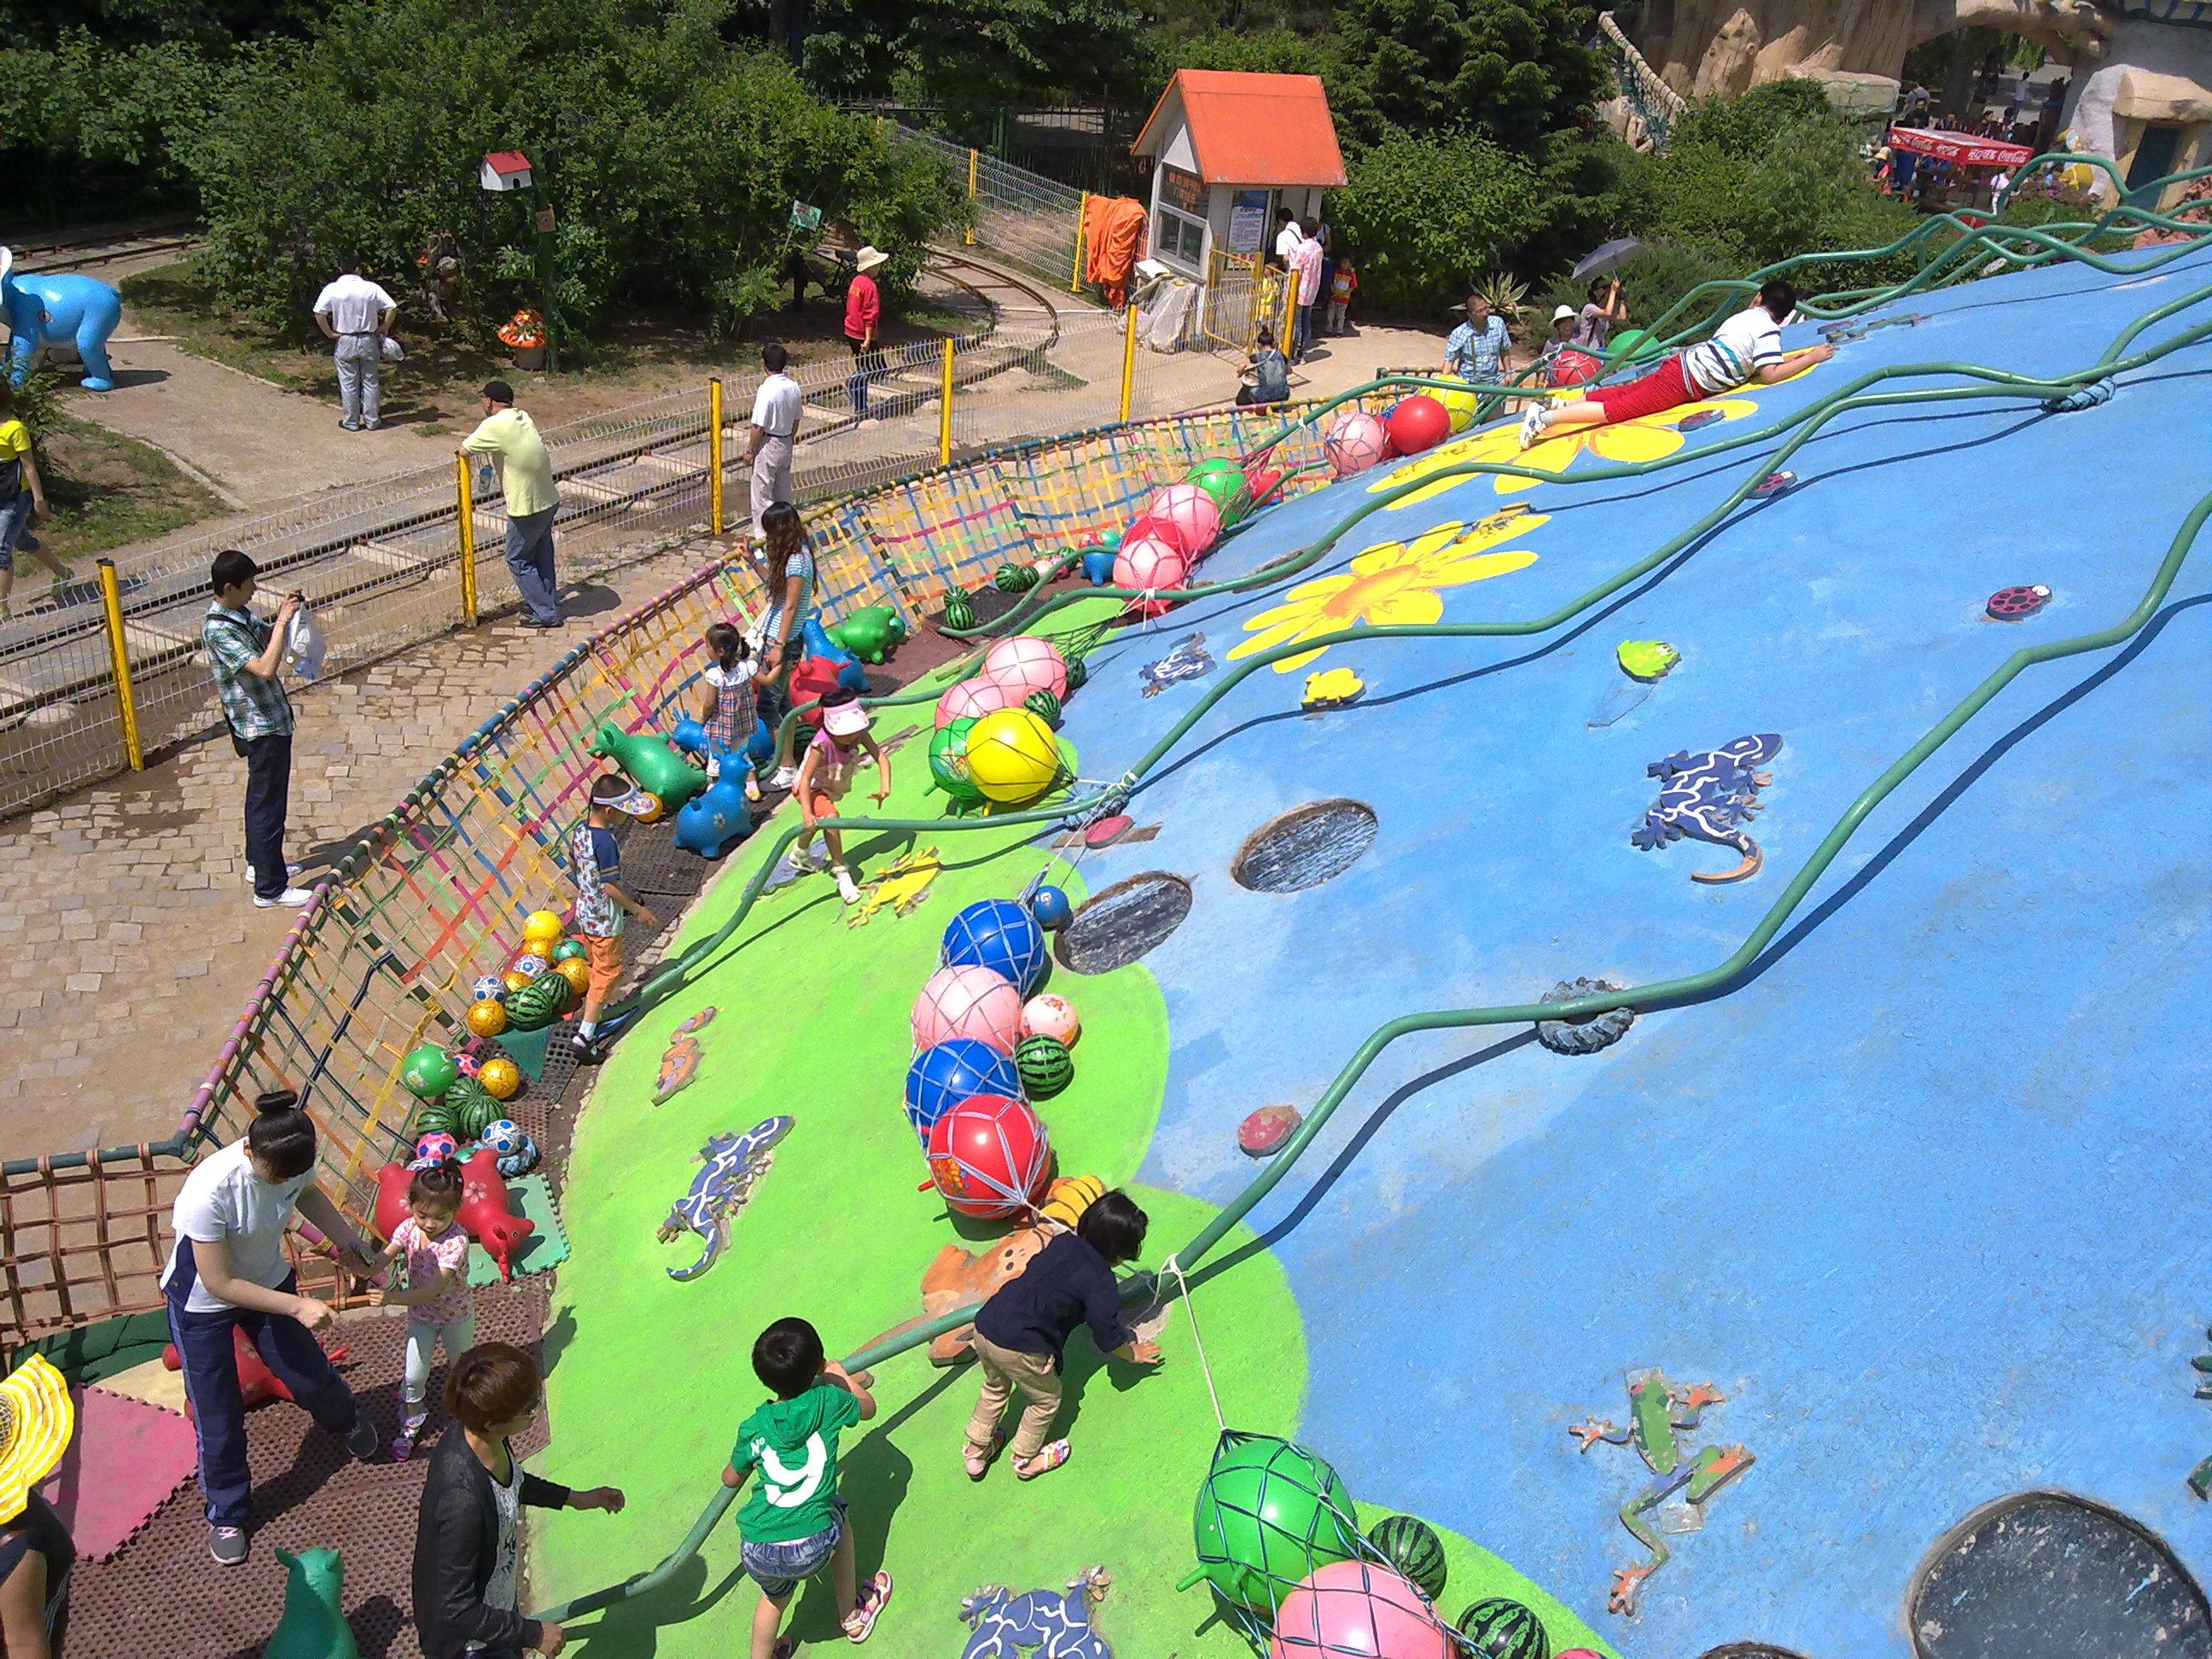 中山公园动物园的工作人员每天都在紧张的忙碌,为小朋友和动物避暑开出一个个凉方。 清凉水世界是小朋友的最爱 中山公园动物园为小朋友准备了儿童大型戏水池、大型组合喷水滑梯、儿童碰碰船、卡通动物喷泉广场,水上戏水吊桥等等,好一个清凉水世界。小朋友们在这里,尽情享受冲浪、戏水带来的凉爽,别有一番乐趣,真是家门口的水上乐园。 动物被特殊关照 为避免动物中暑,园方采取了多种防暑解热的方法,让动物安全度夏。猴子、香猪、鸵鸟尽情享受饲养员用水管送来的清凉,火鸡、孔雀、狐狸吃上了西瓜,猴子吃上了雪糕、真是让人羡慕。一